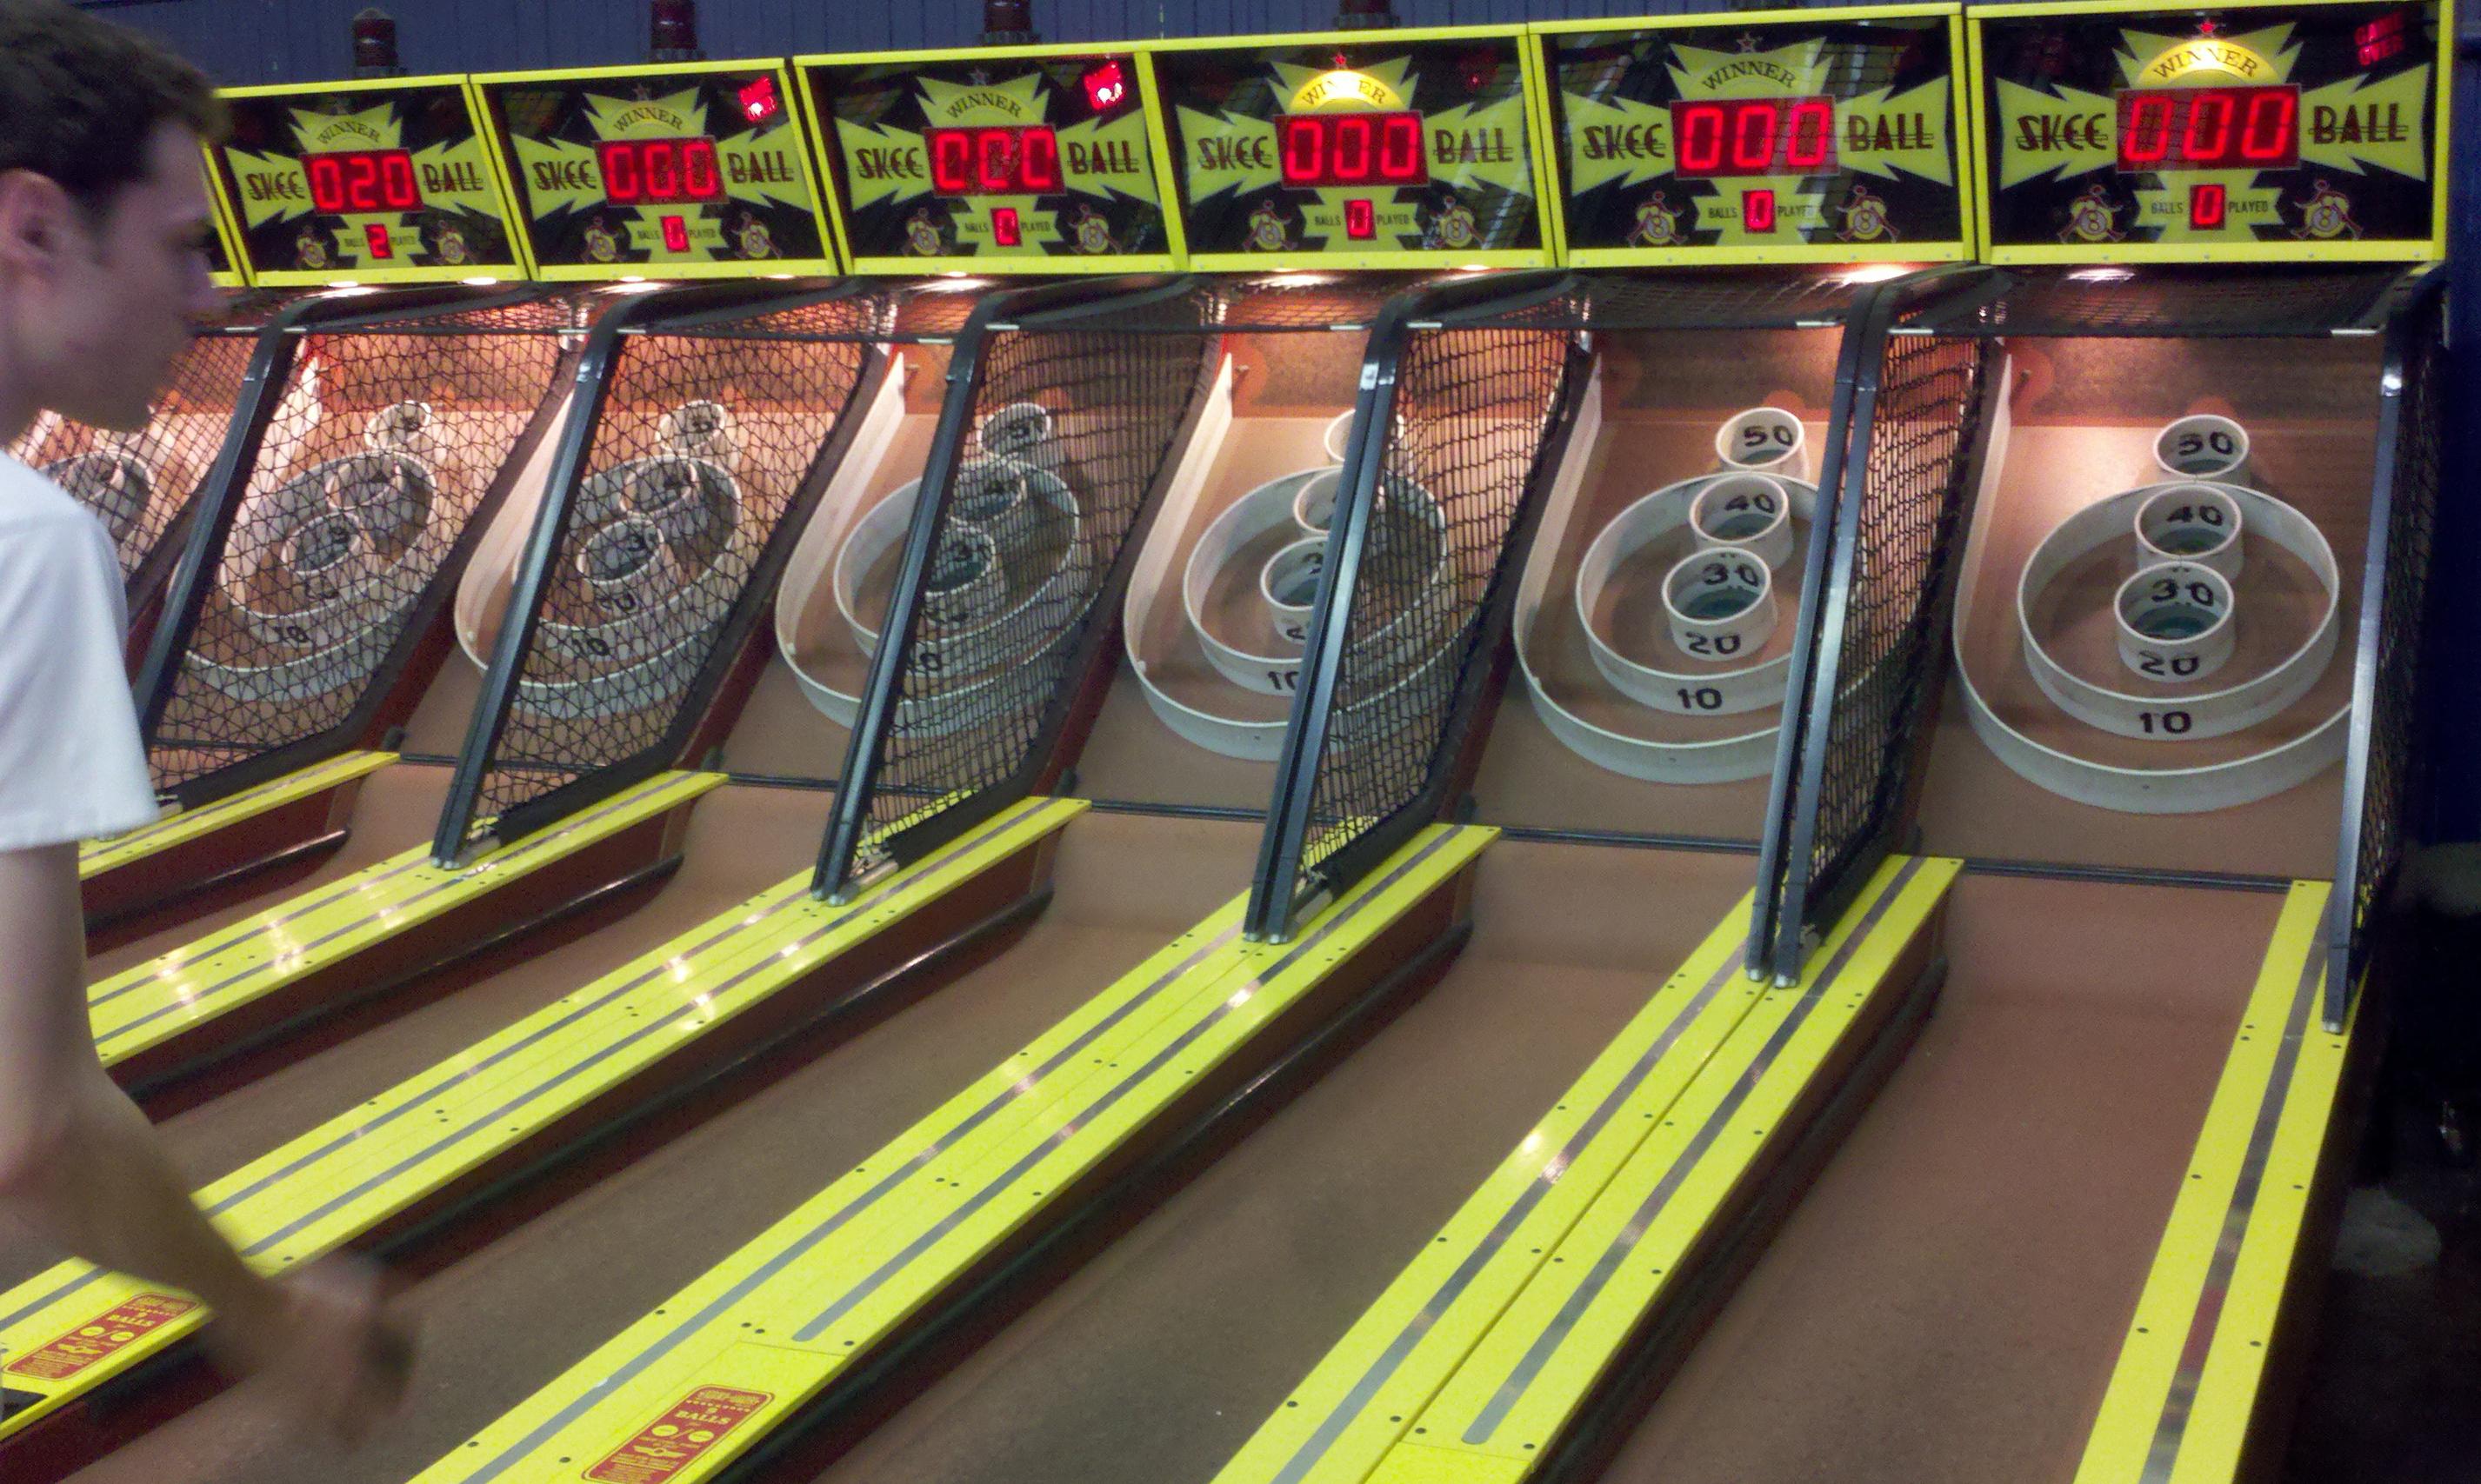 Skee Ball : 2011 06 2819 46 2312 from jasonpotteiger.wordpress.com size 2853 x 1707 jpeg 3974kB